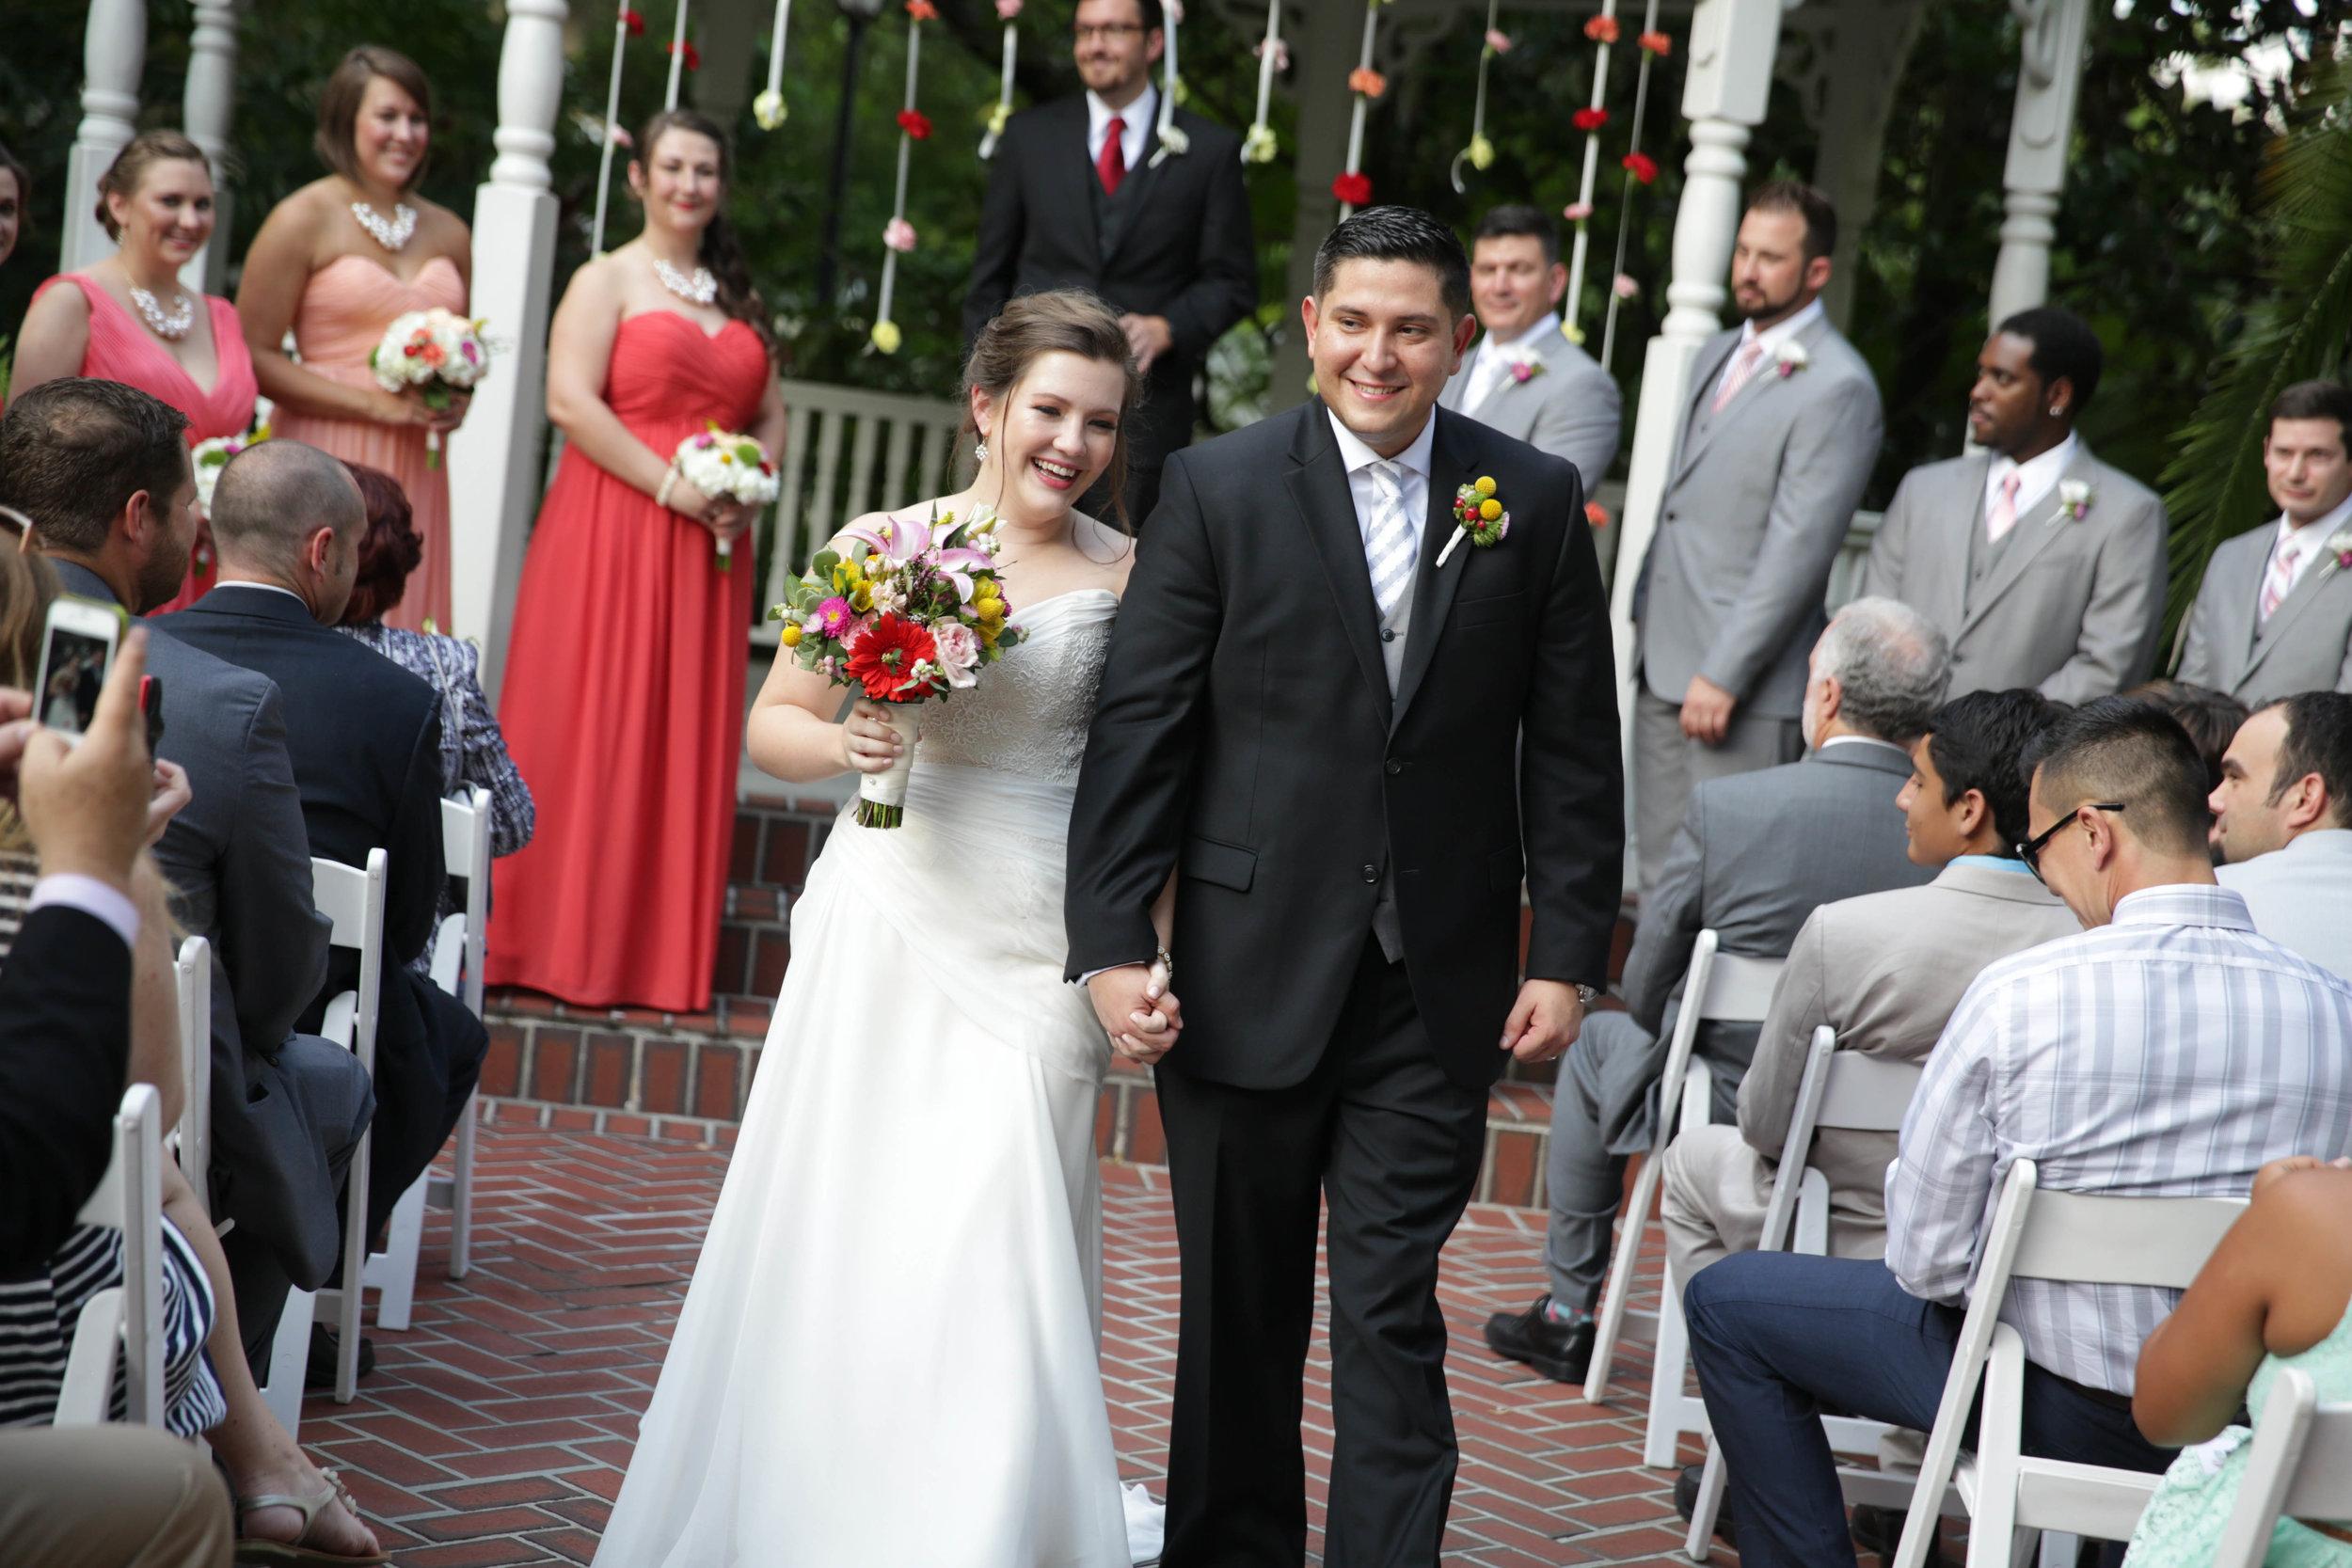 wedding ceremony exit photography.jpg